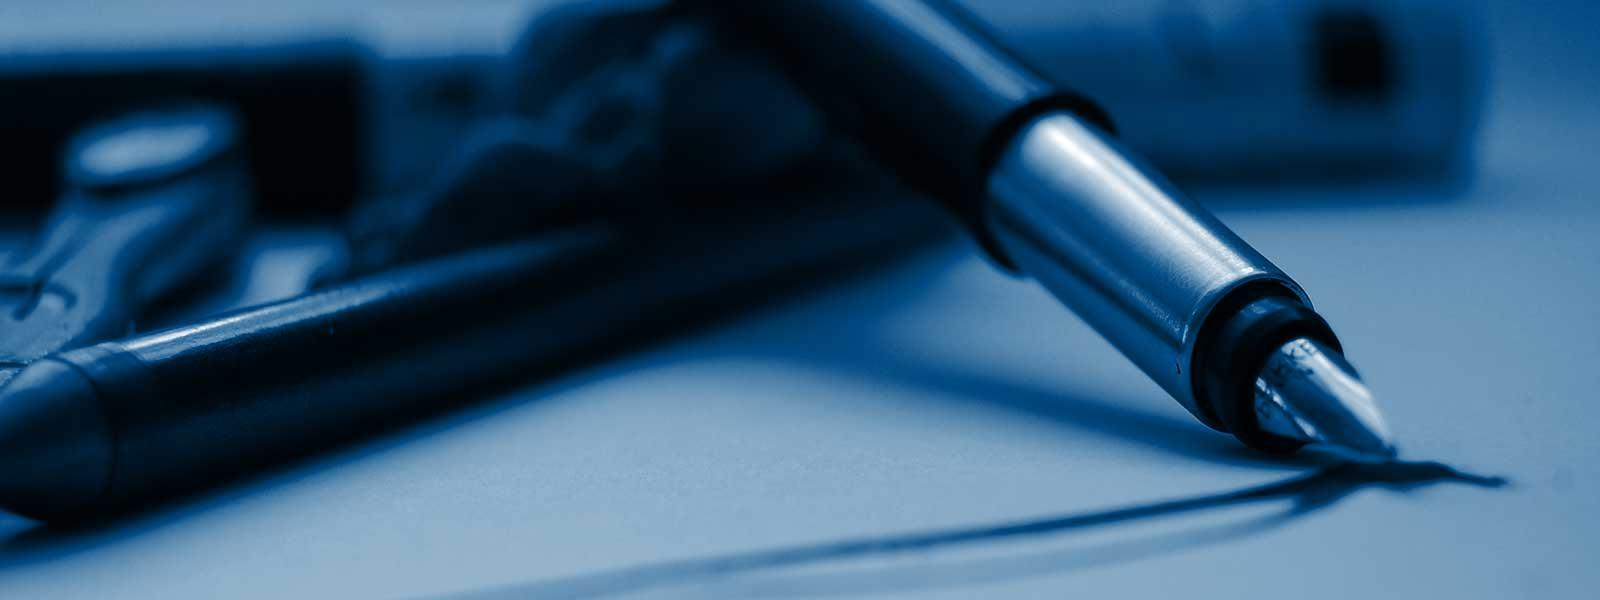 Στυλό με περιστρεφόμενο μηχανισμό CL-1422